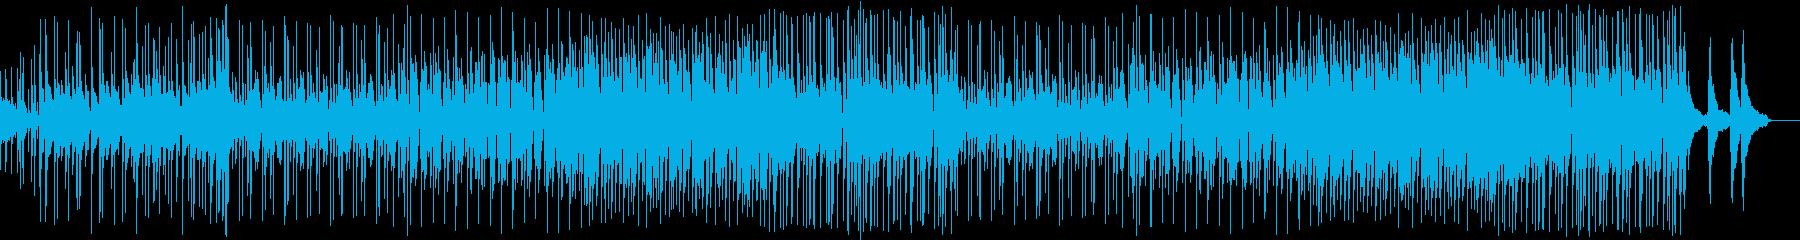 ドラム、エレキギターの和風ロックの再生済みの波形